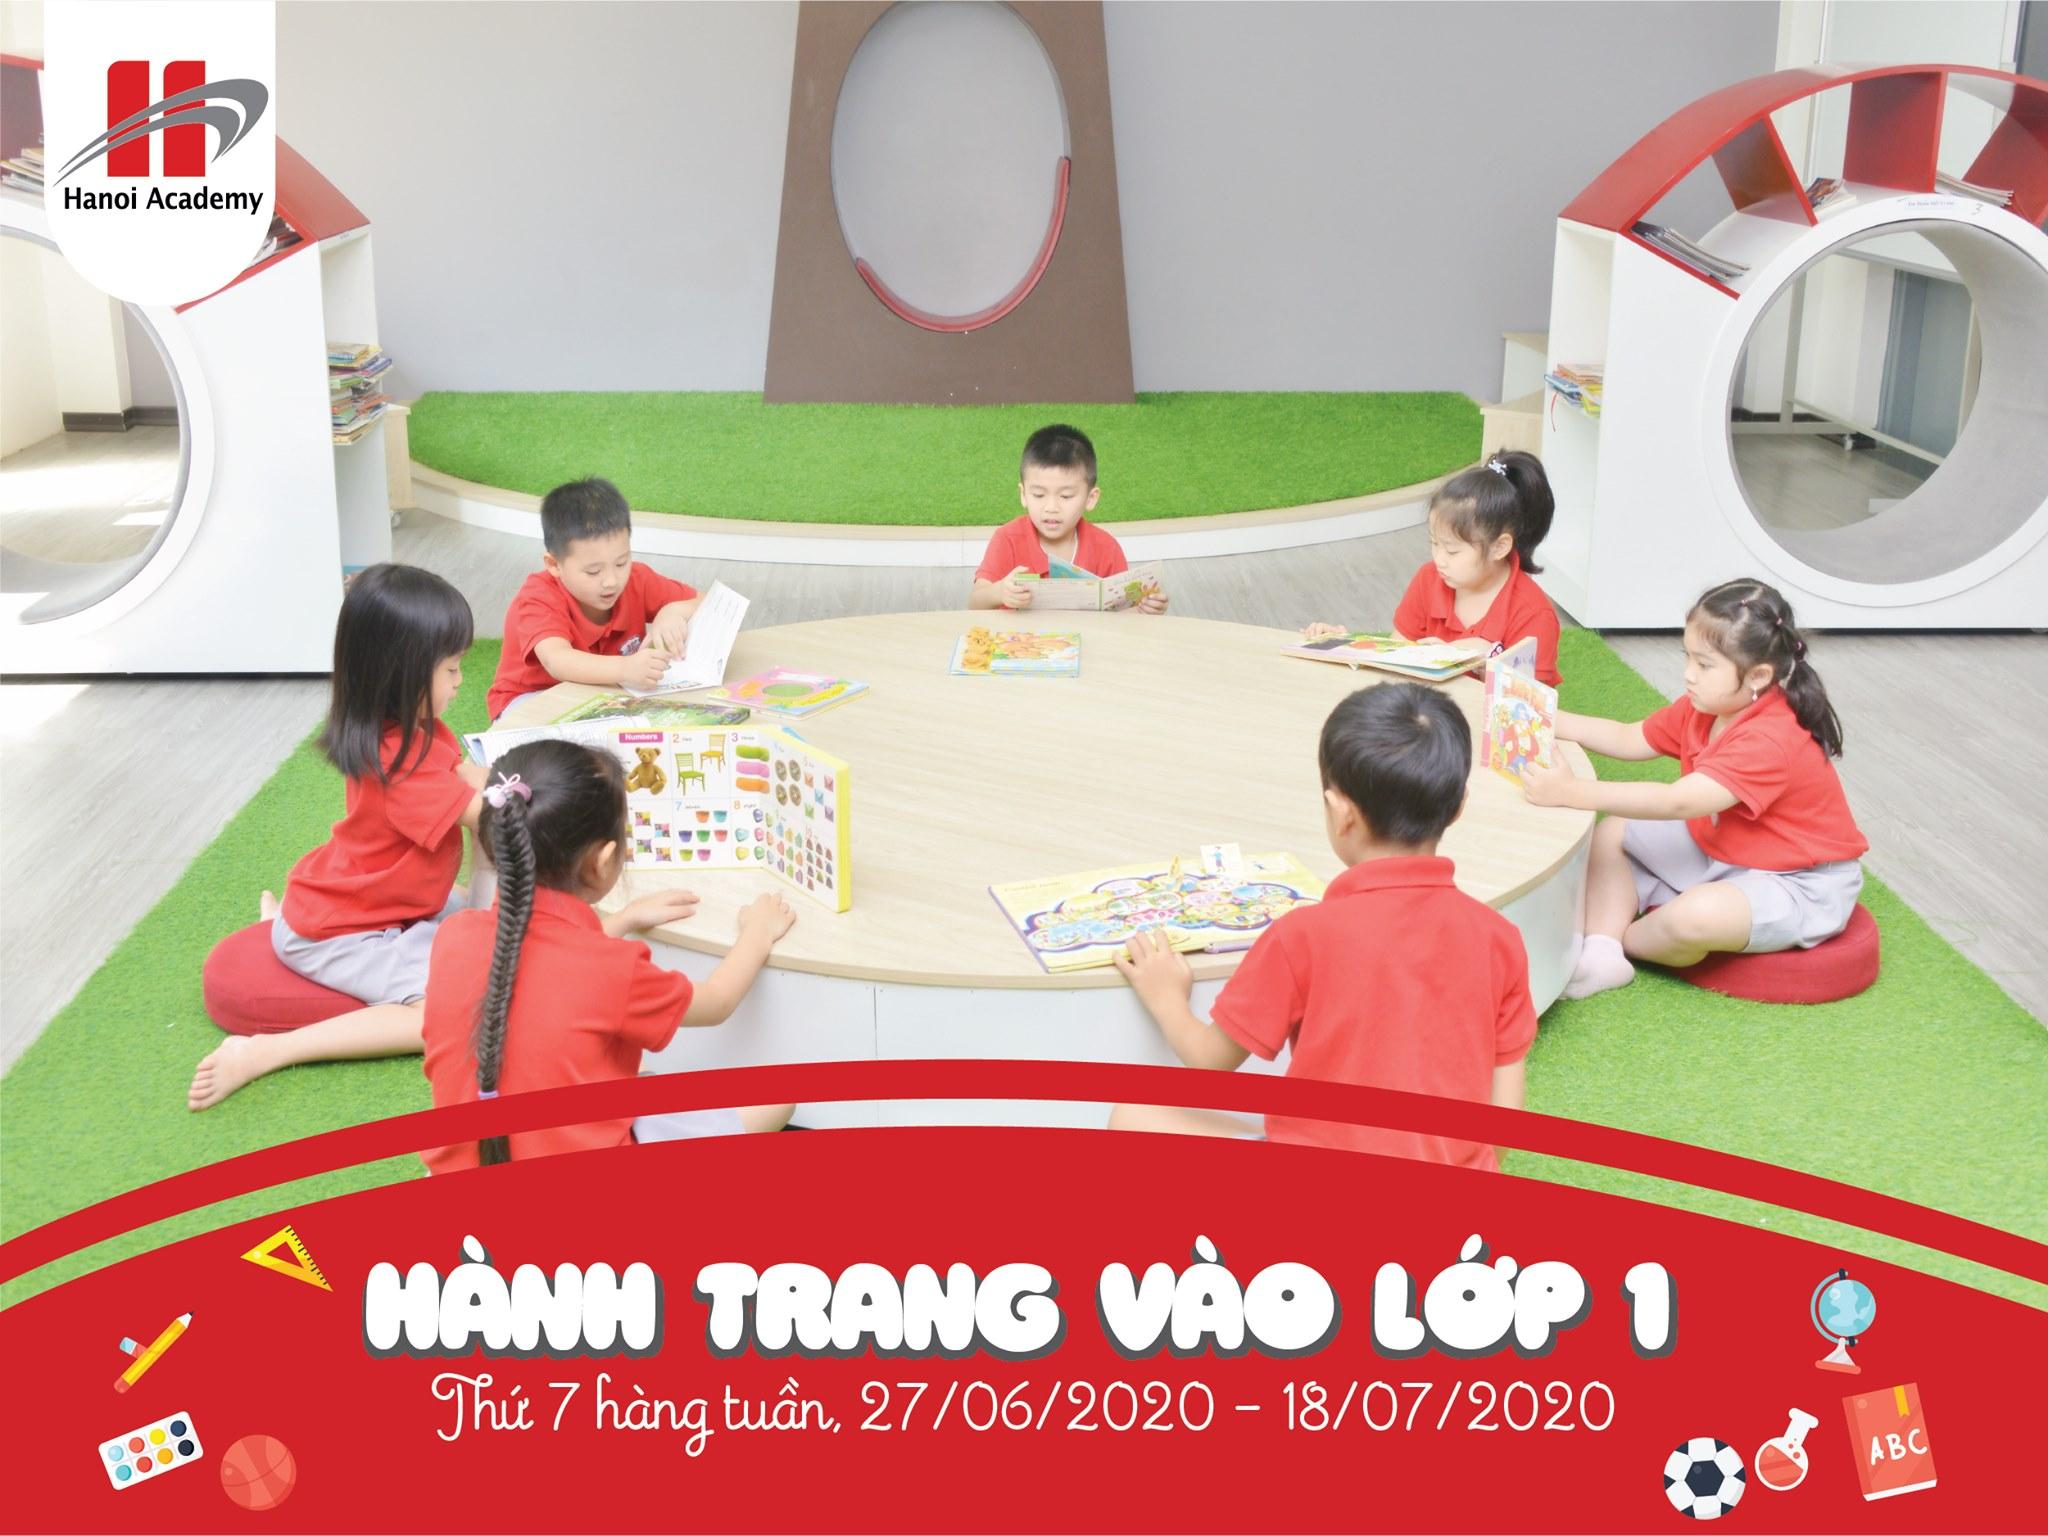 """Tuyển sinh Hanoi Academy Tuyển sinh khóa học """"Hành trang vào lớp 1 Hanoi Academy"""""""